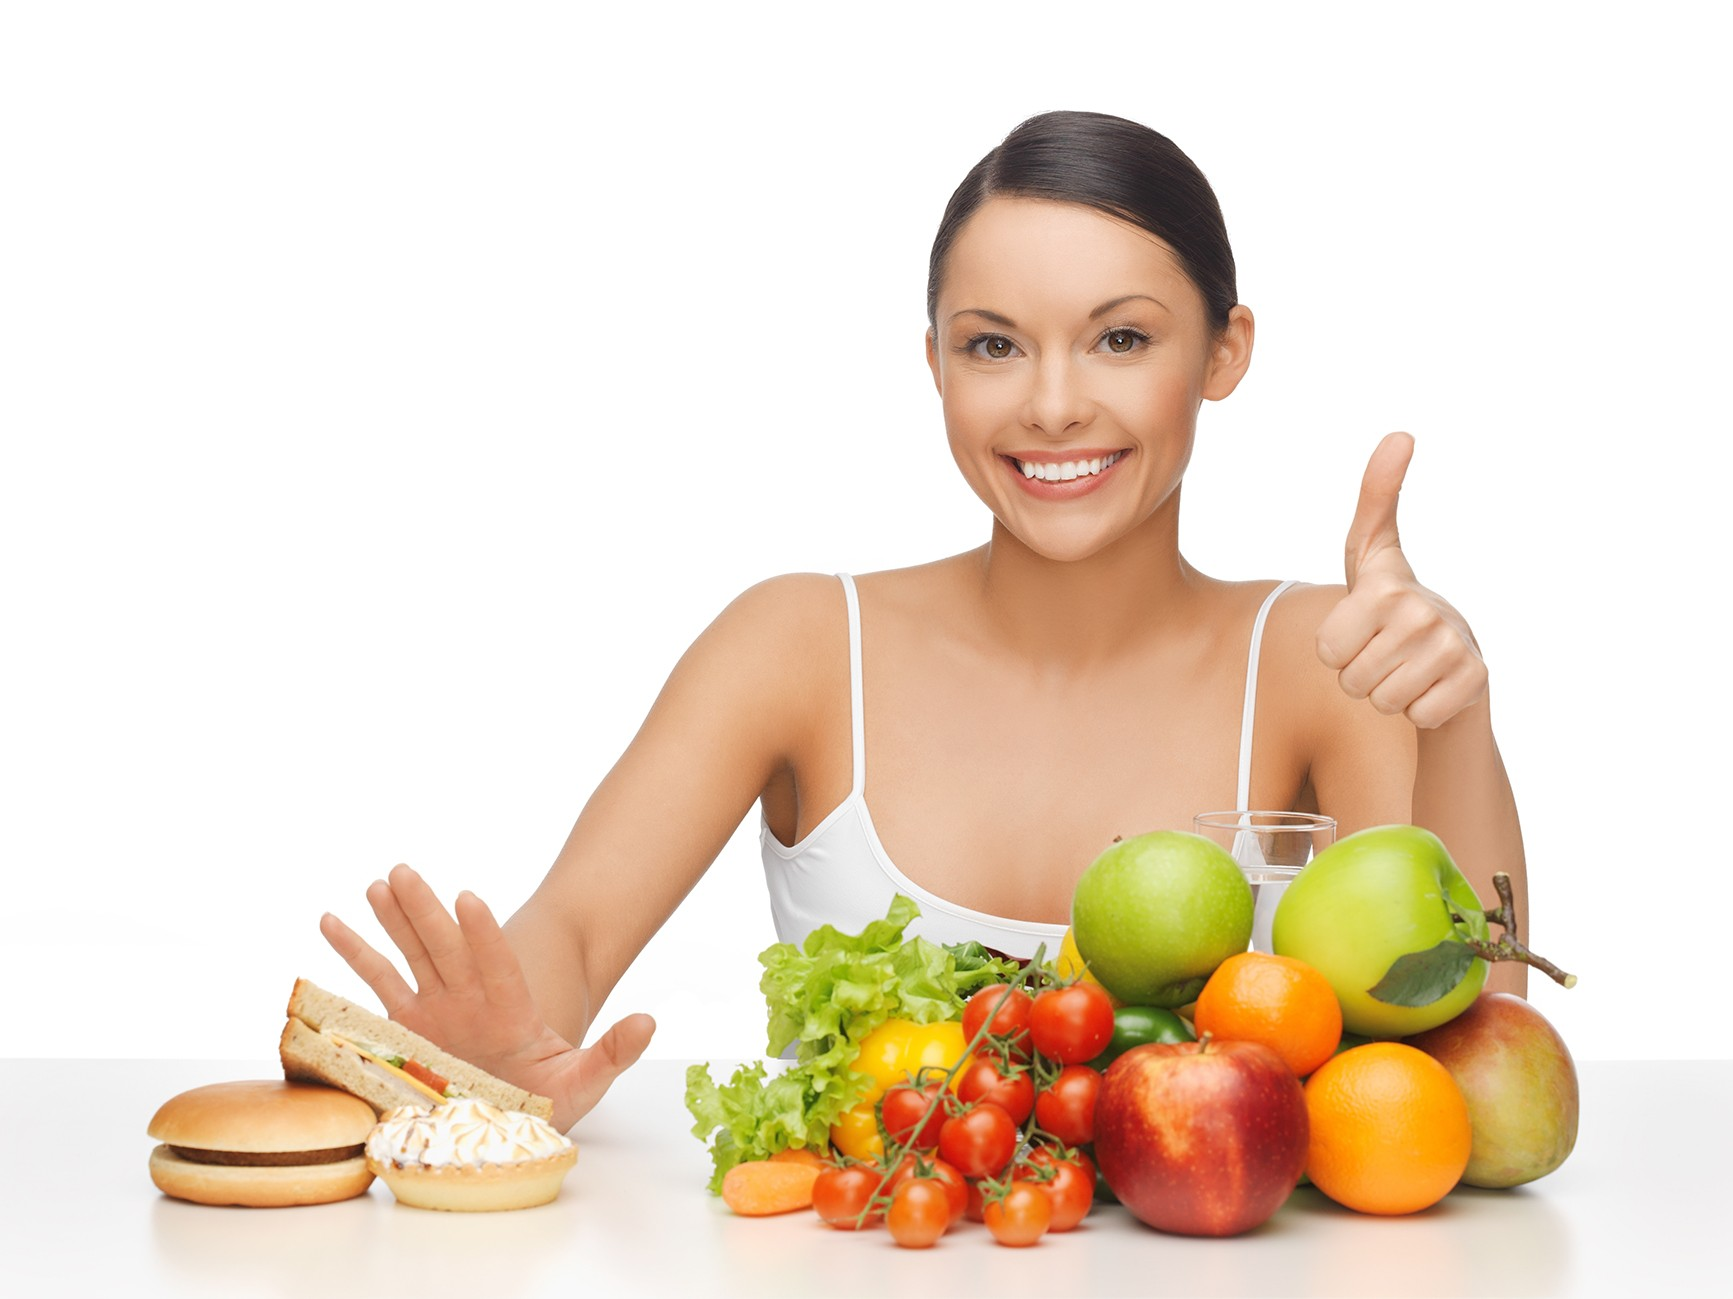 Dieta Normo proteica con valutazione dello stato corporeo e dieta personalizzata nella centralissima via Colombo con il Dottor Boano! Per stare in salute e dimagrire!